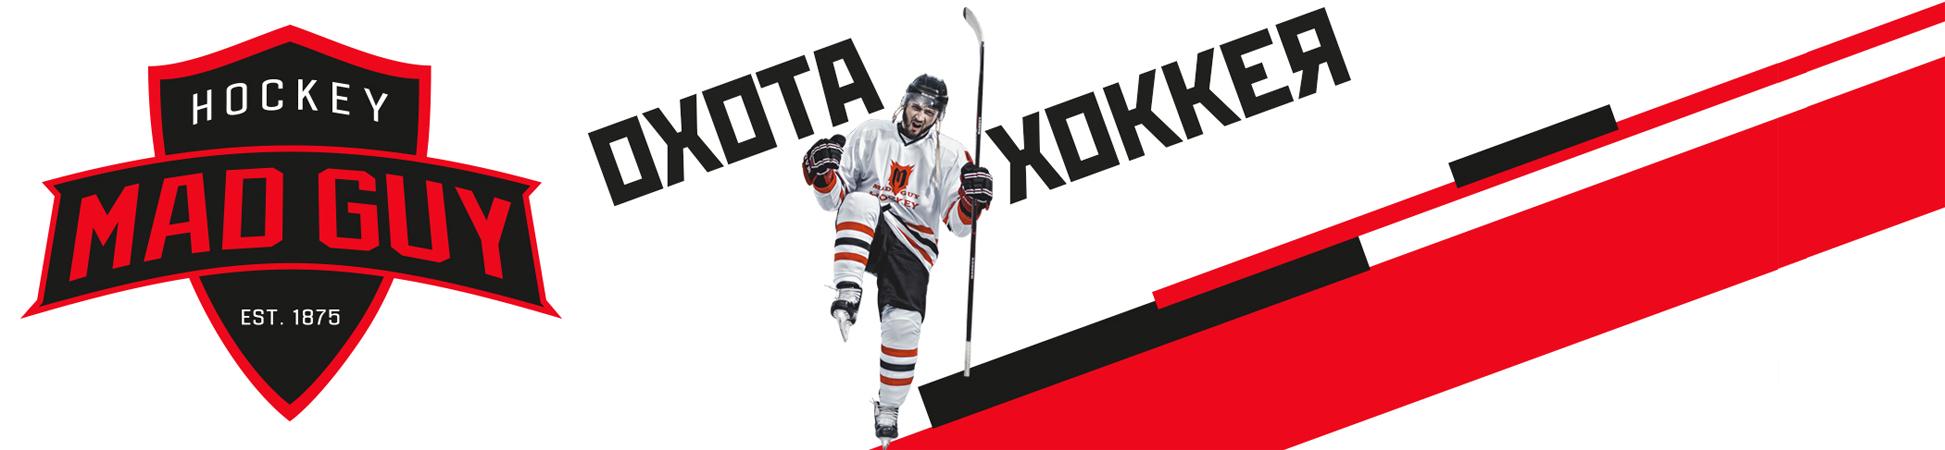 хоккей фррма